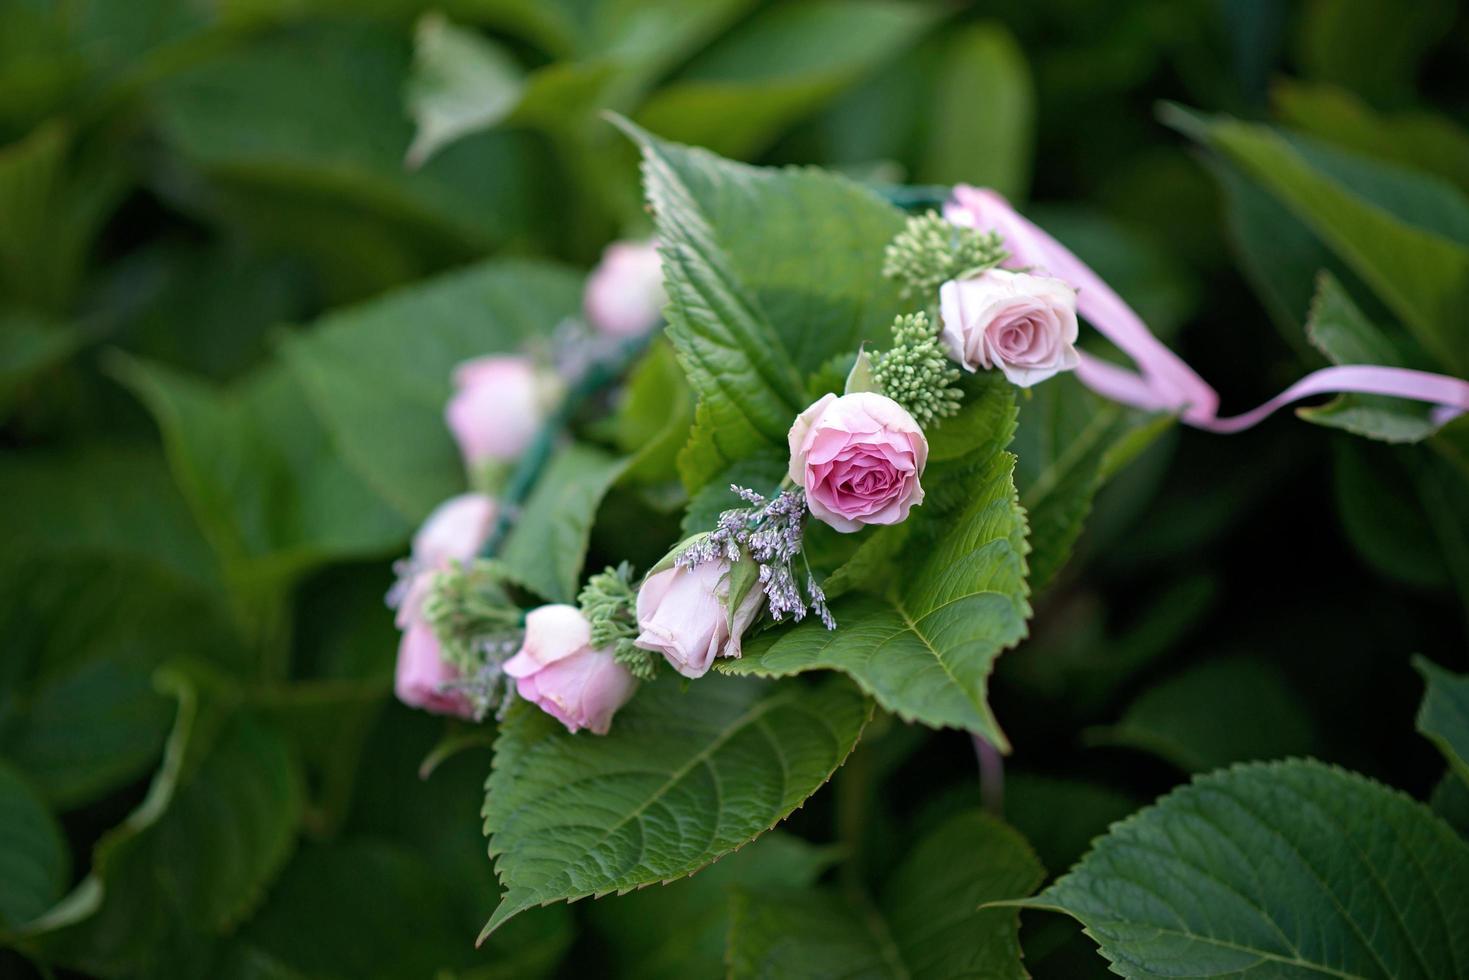 vacker söt krans av färska rosor blommor på stora gröna blad. mjukt selektivt fokus. foto